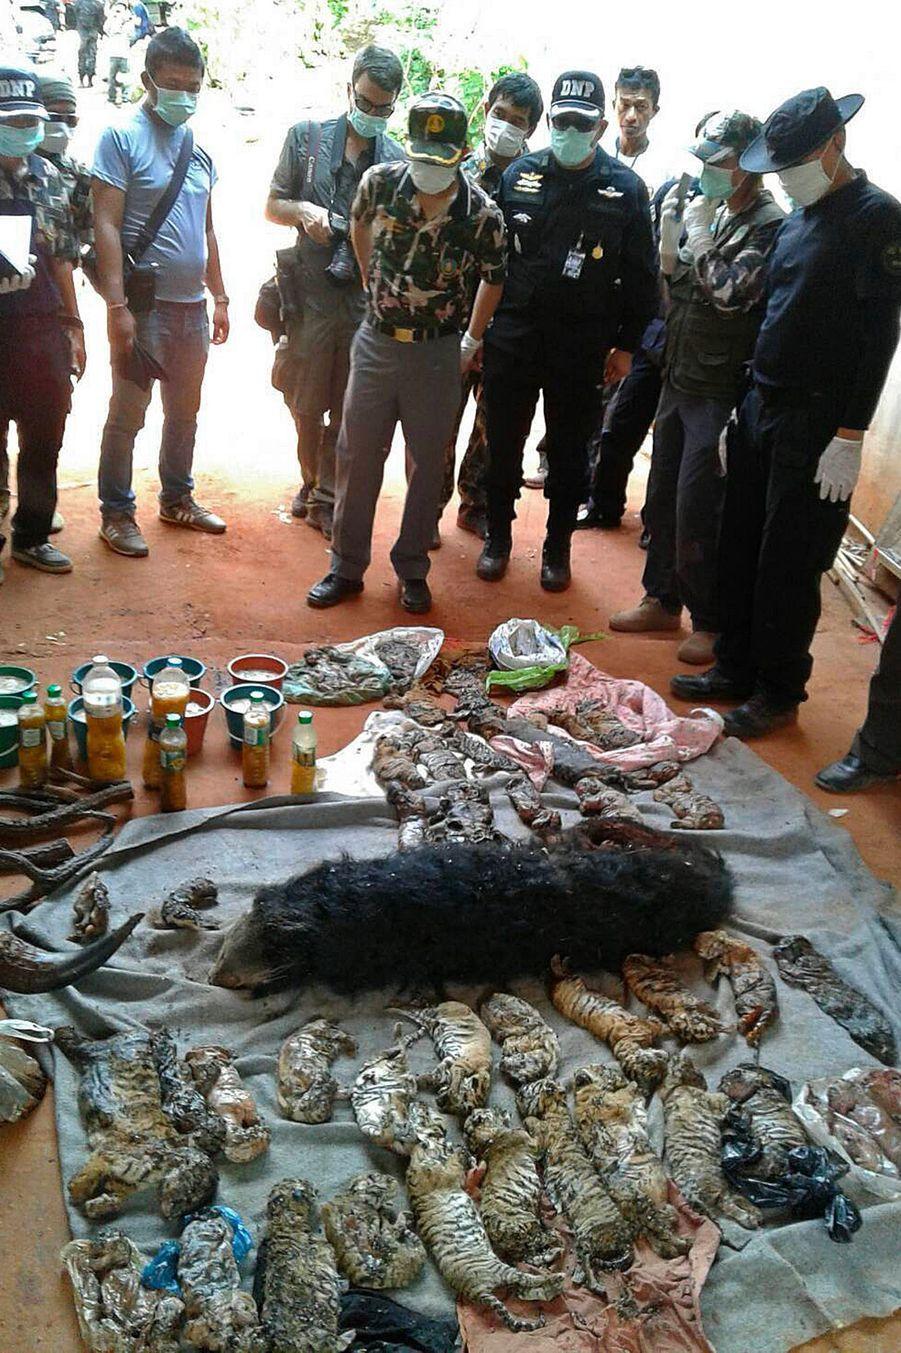 En 2016, des dizaines de bébés tigres morts avaient été retrouvés dans des congélateurs du temple Wat Pha Luang Ta Bua, probablement pour être revendus.